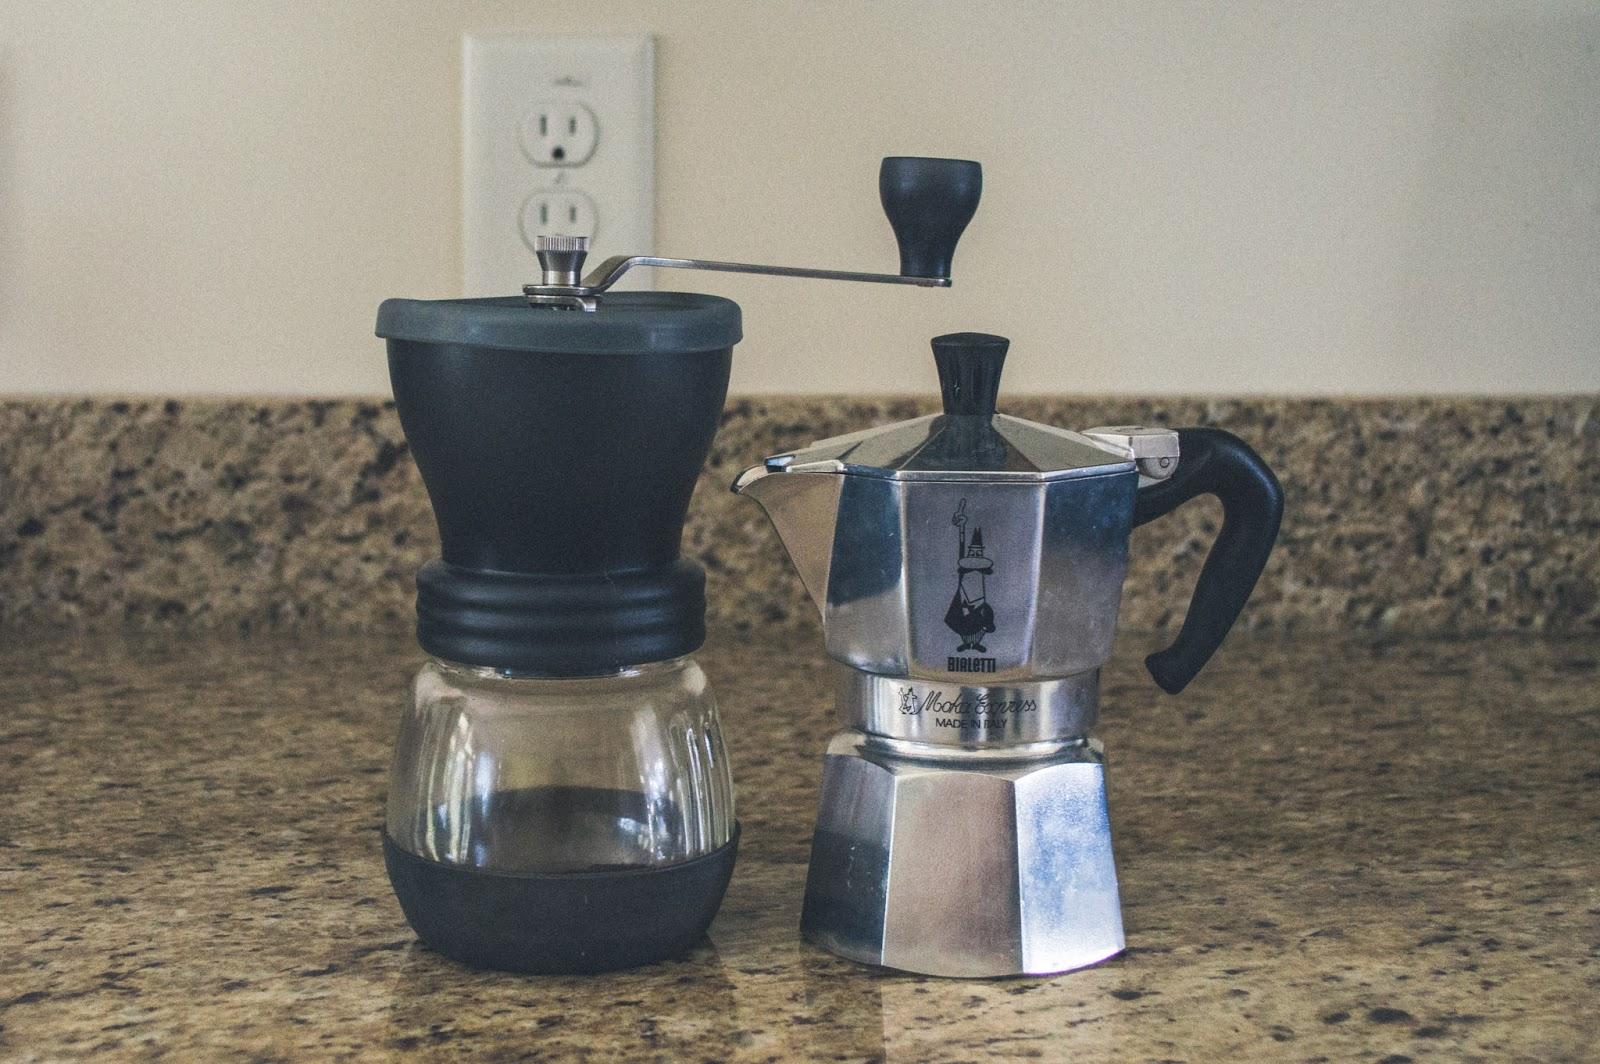 Hario Ceramic Mill Skerto & Bialetti Moka Express 3-cup Stovetop Espresso Maker